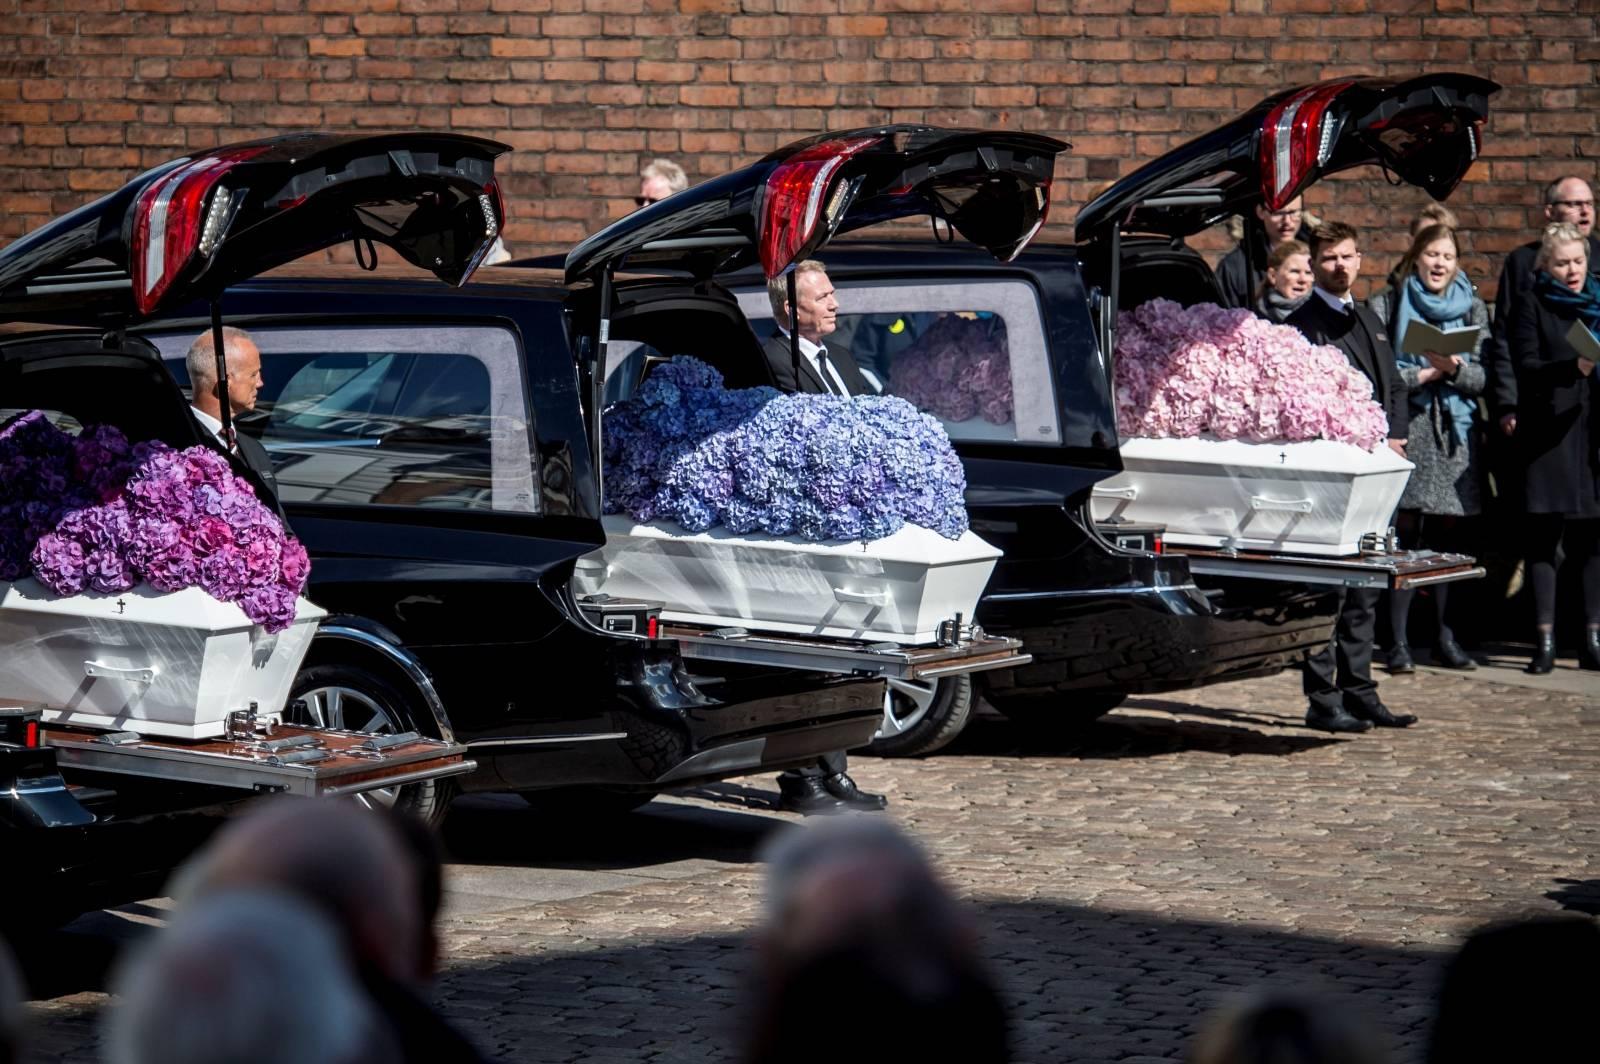 Denmark. Funeral service for victims of Sri Lanka terror attack